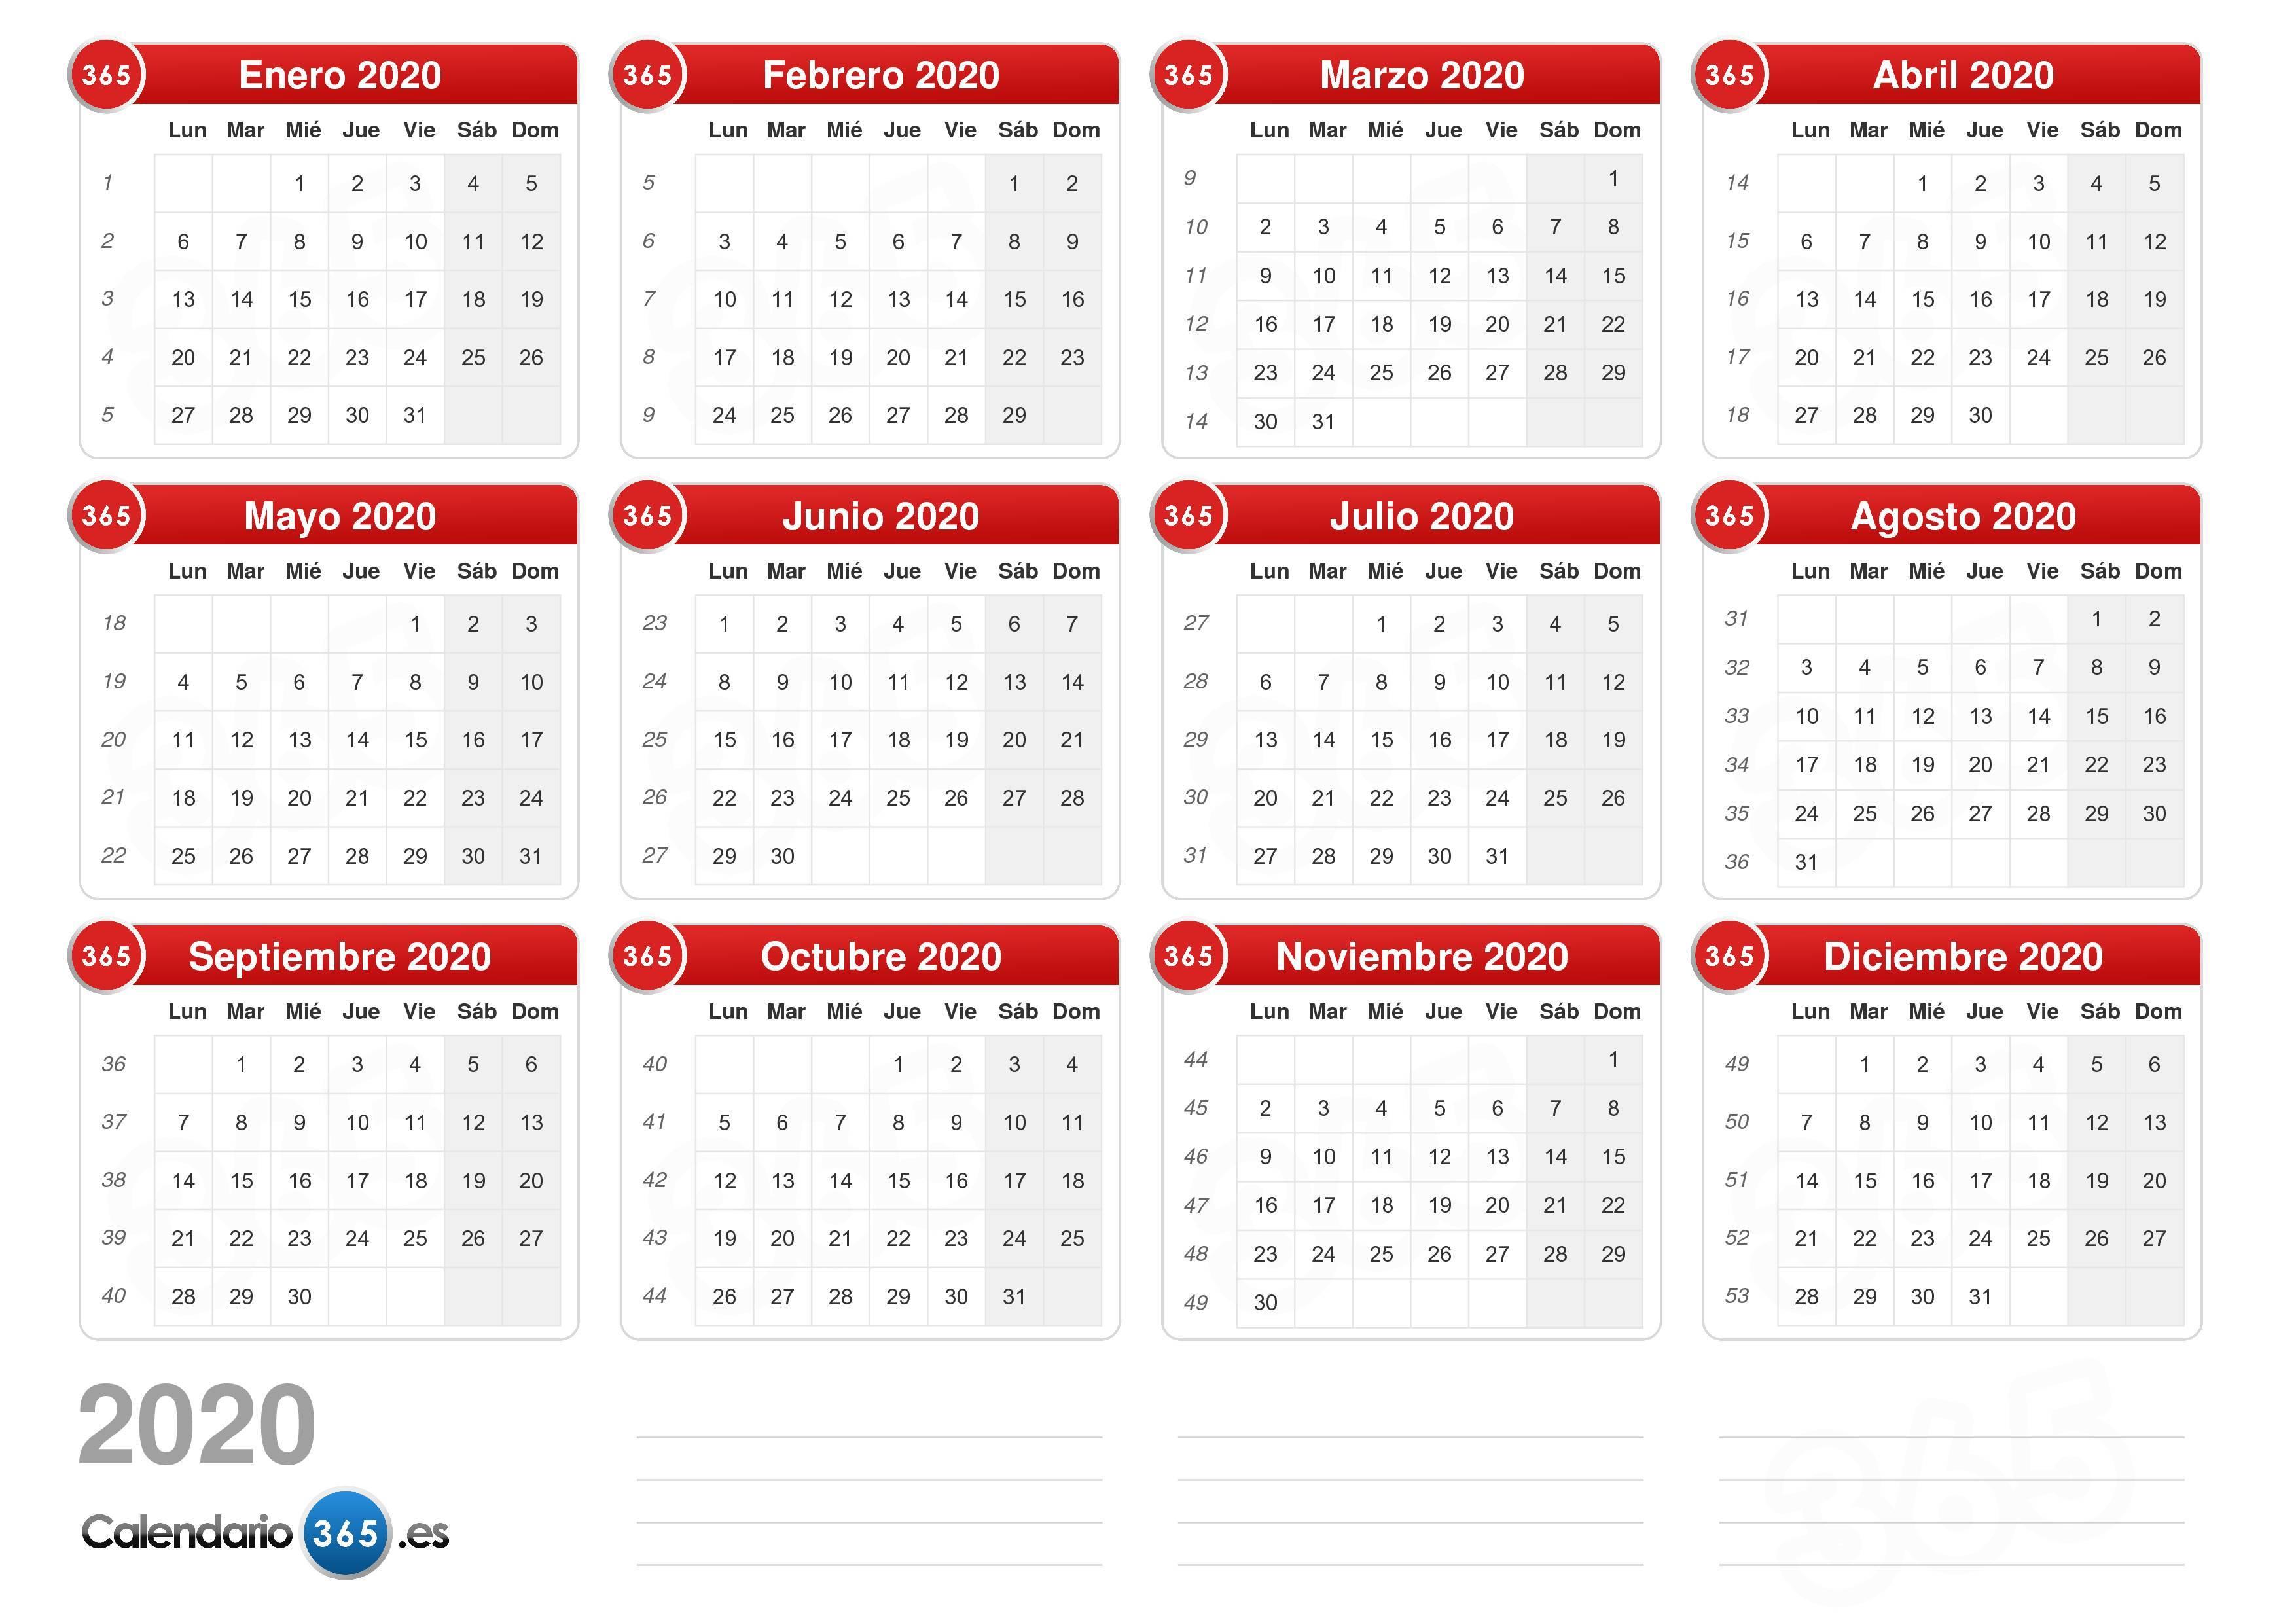 Calendario Junio Julio 2020.Calendario 2020